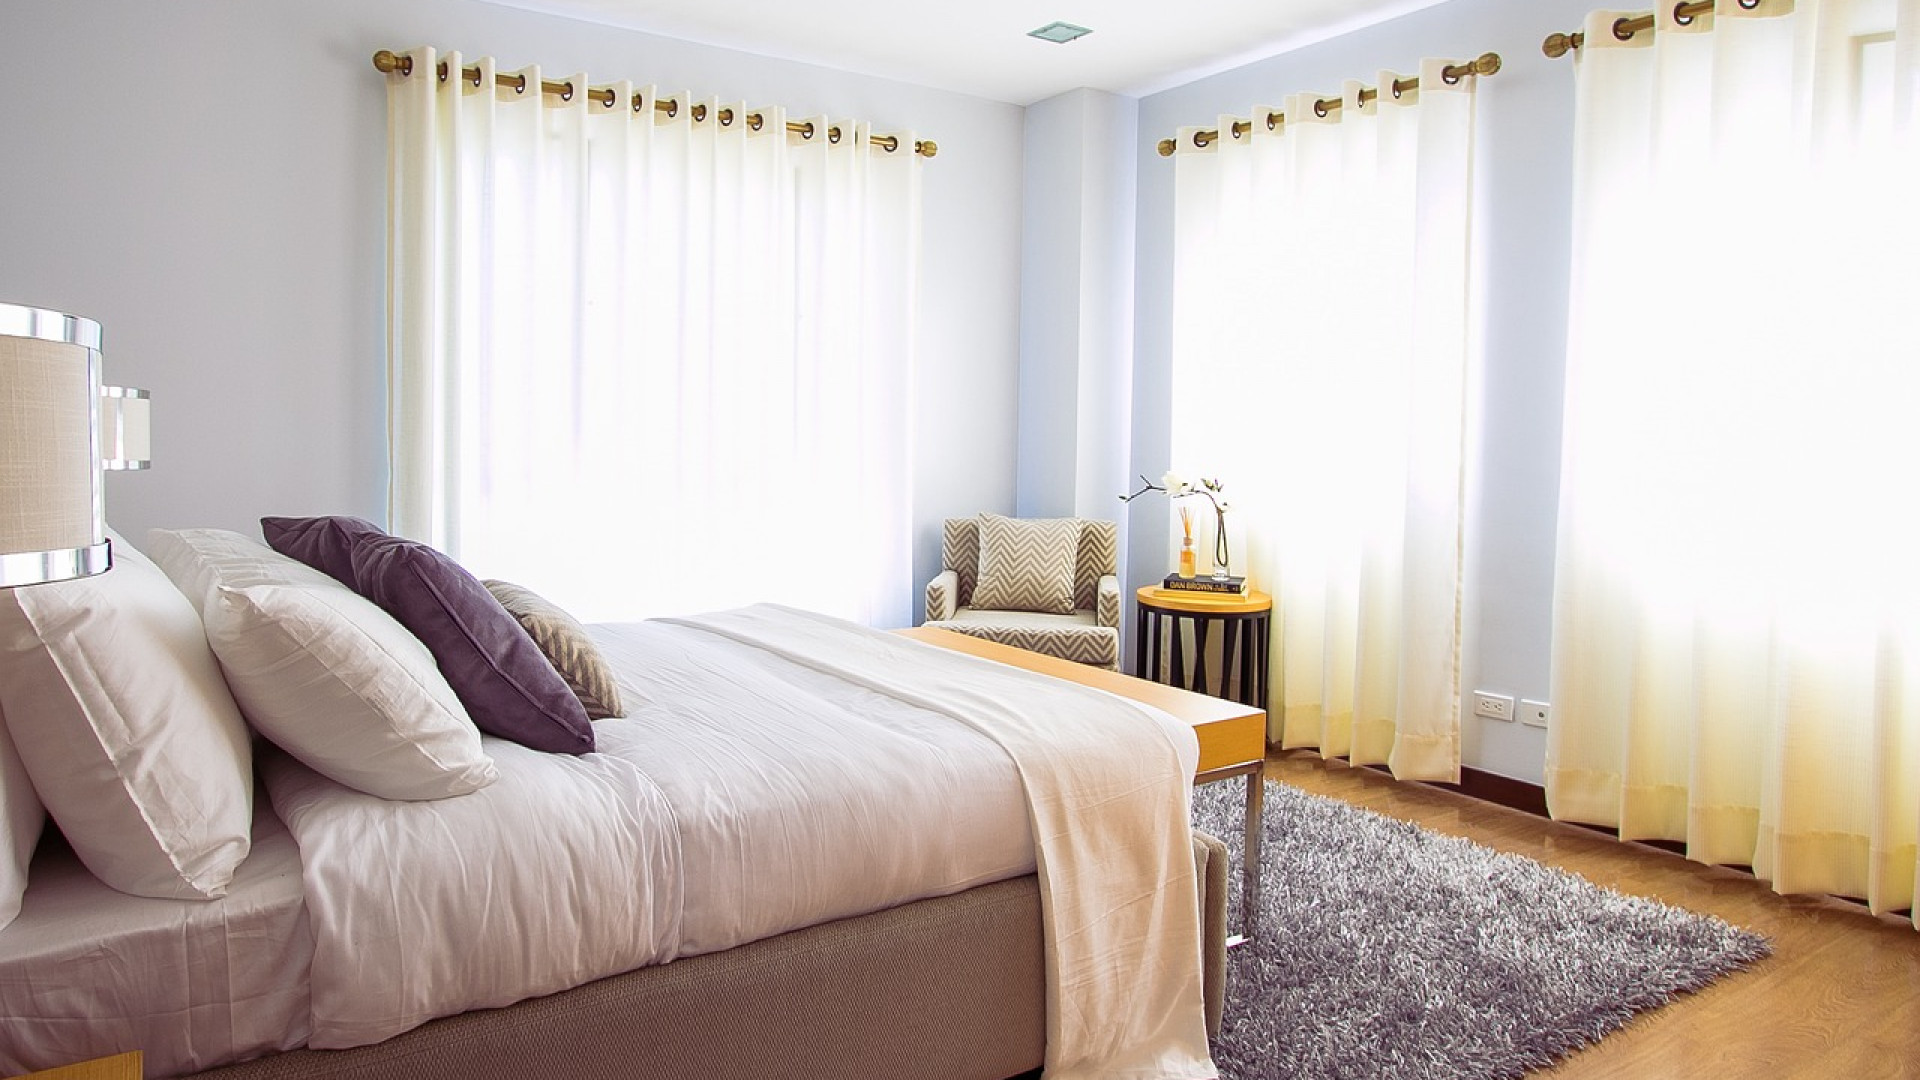 549aab53bedbb2ffc091eab7ce00d0a9 - Quels tarifs pour le lavage de rideaux de rideaux à Paris ?